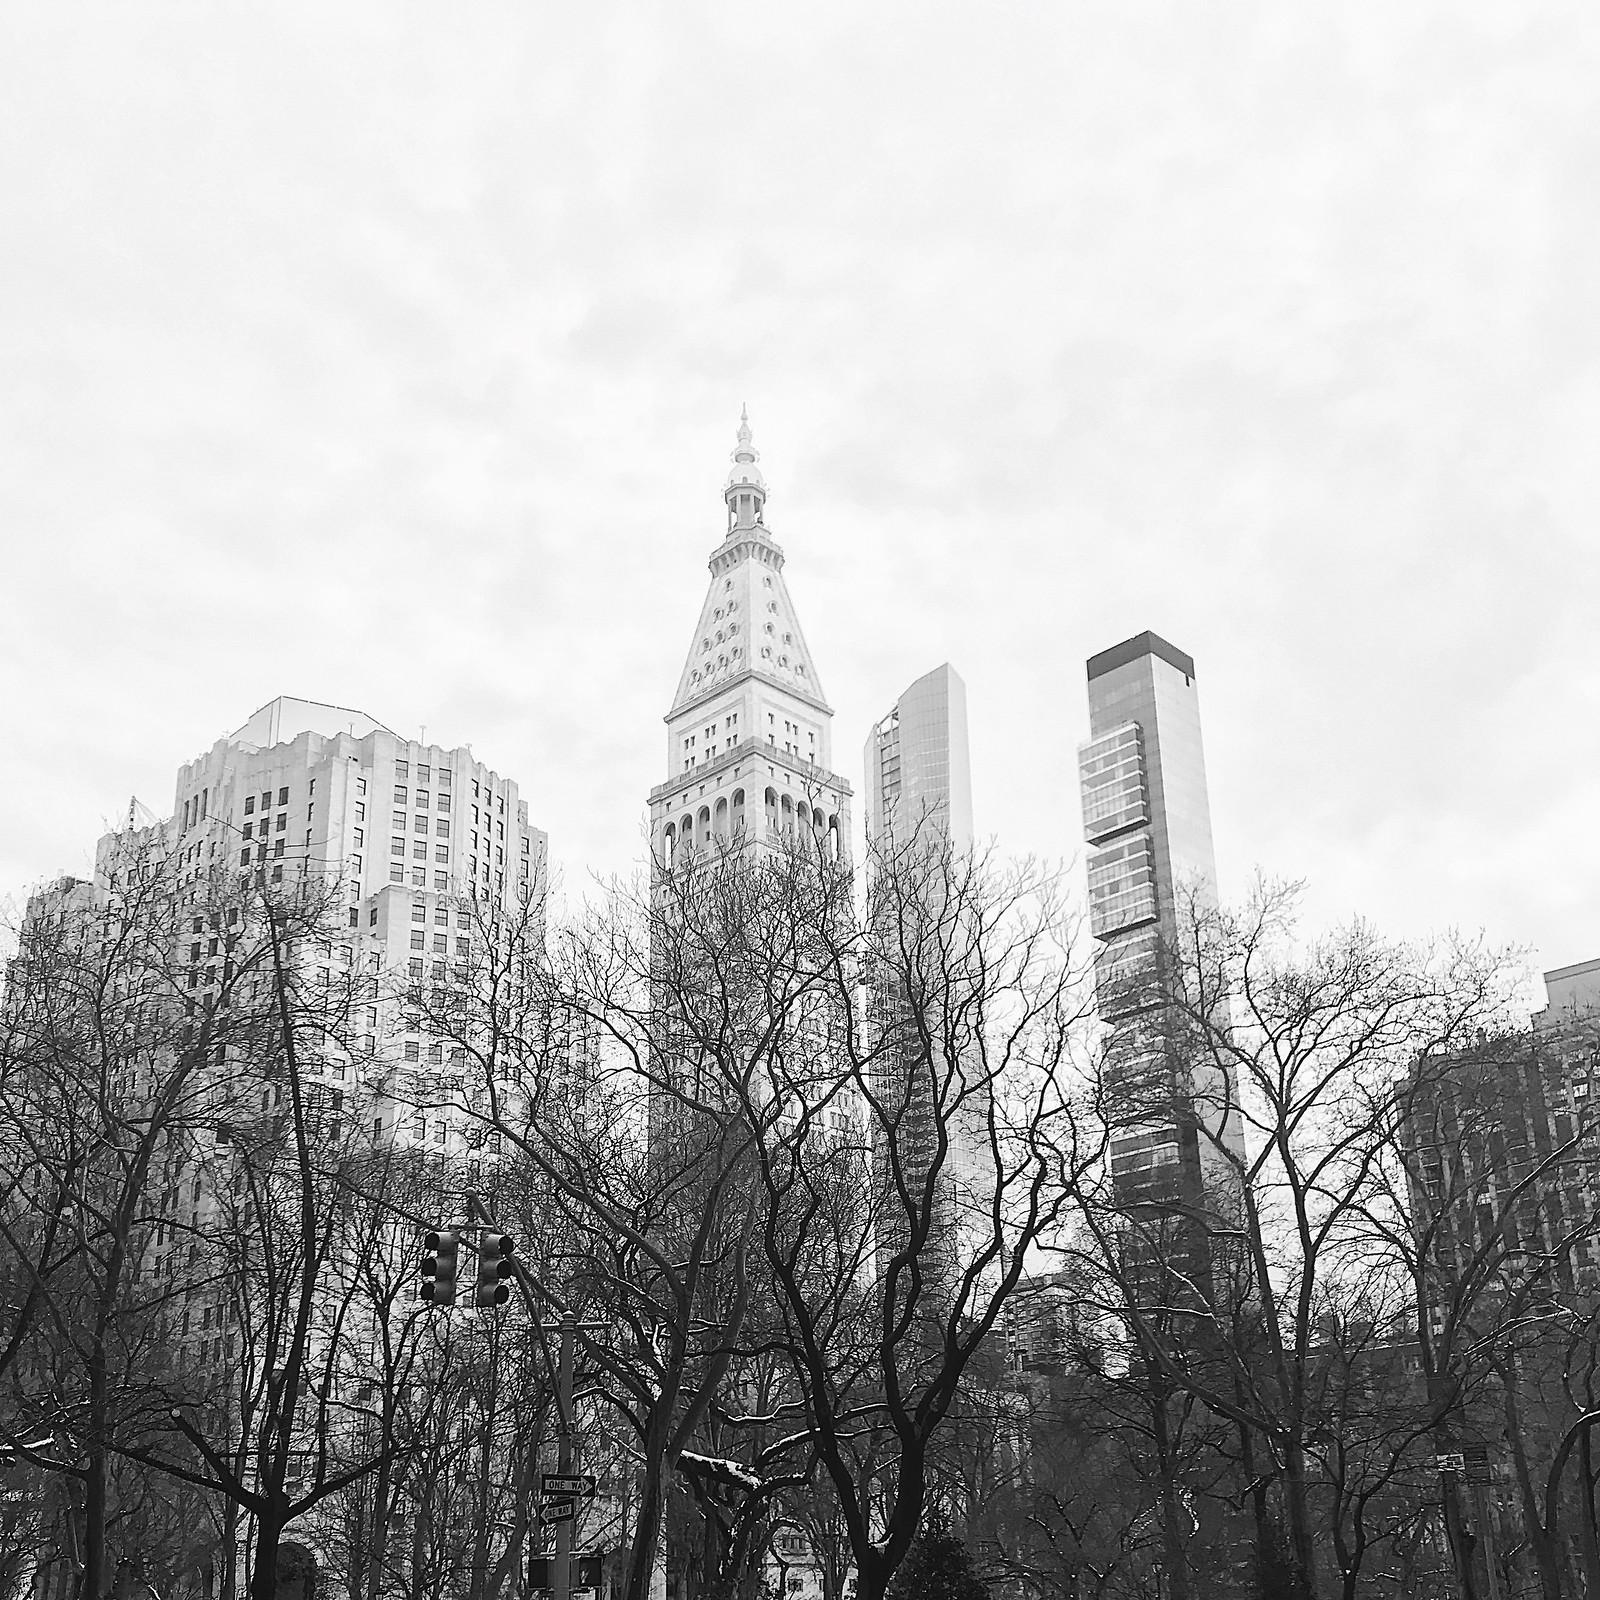 1543-nyc-newyorkcity-newyorkfashionweek-fashionweek-nyfw-winter2017-clothestoyouuu-elizabeeetht